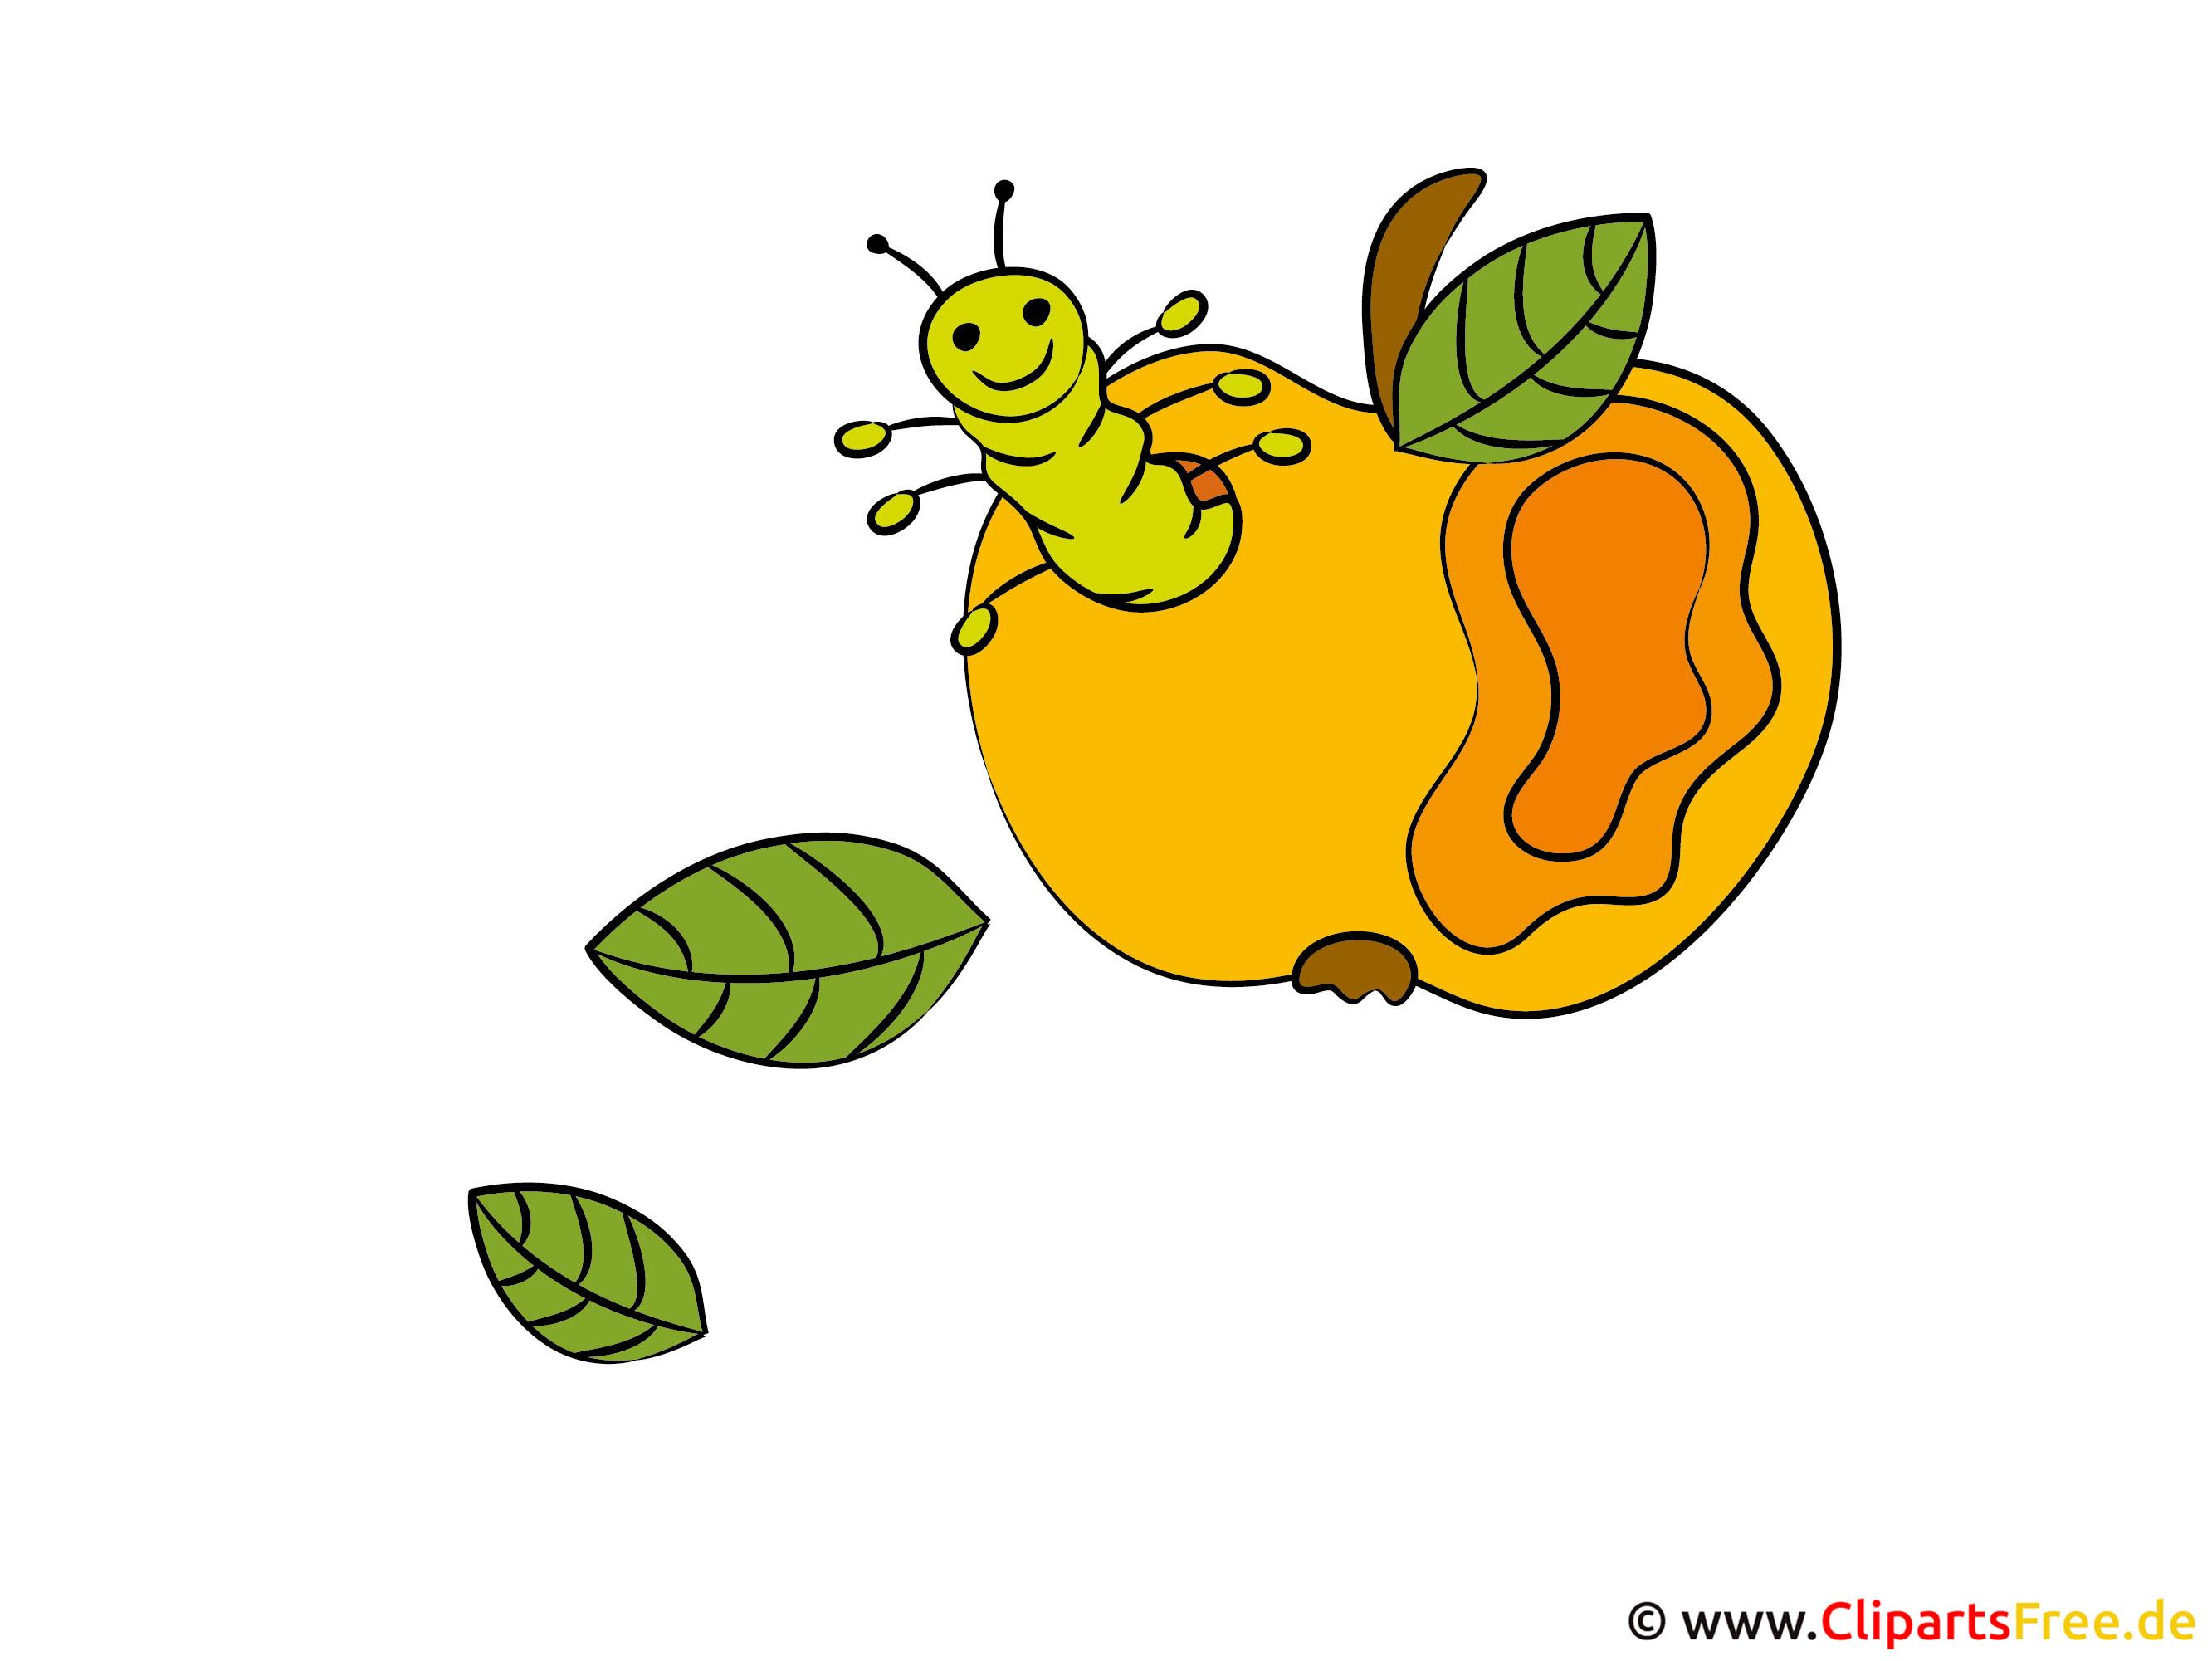 Raupe im Apfel Bild-Clipart zum Erntefest